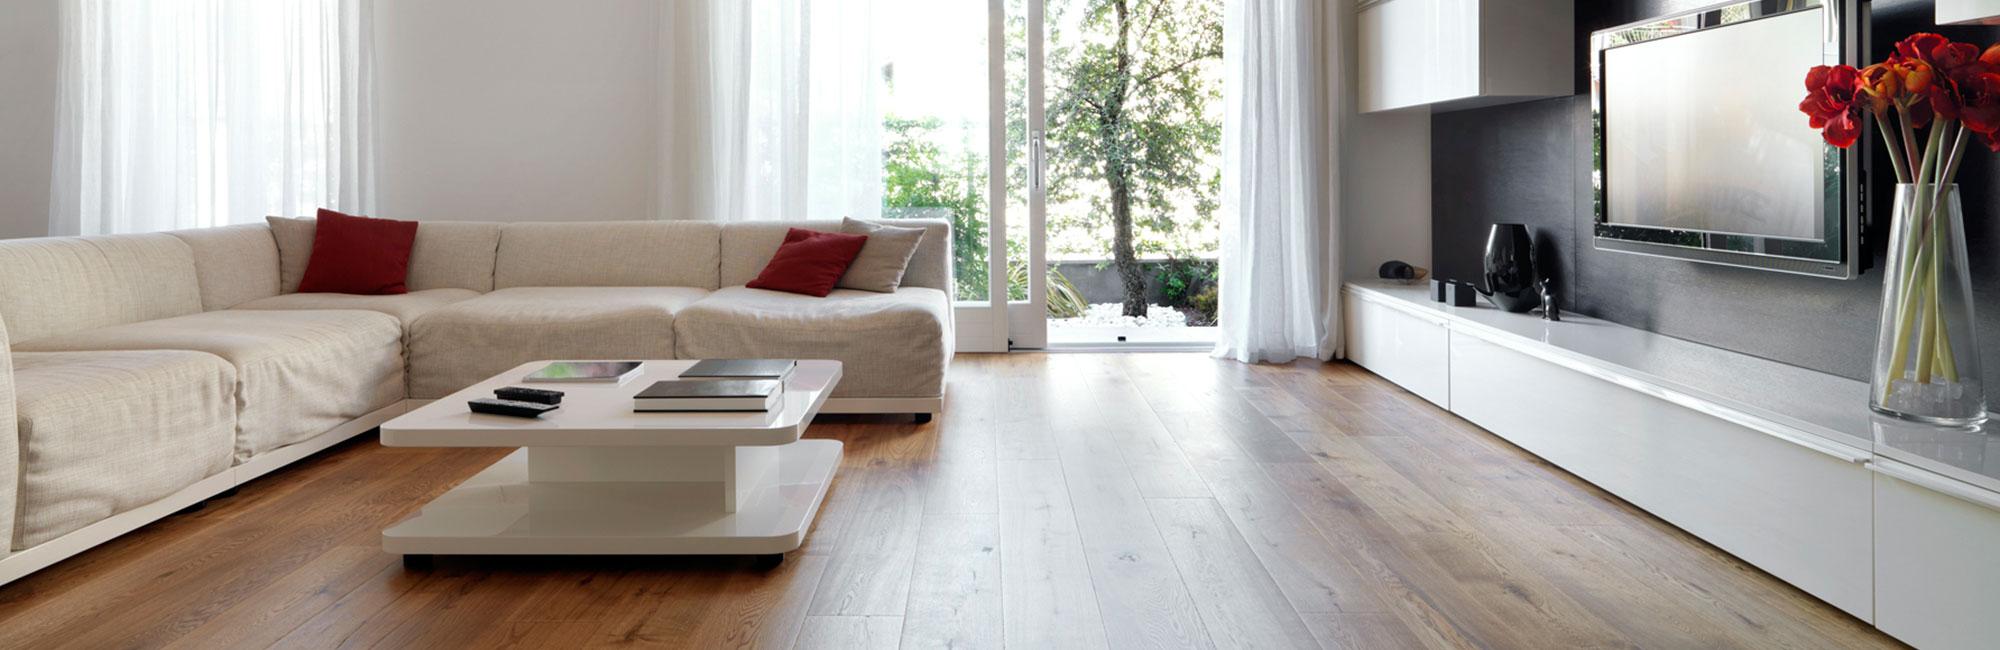 pisos_madera